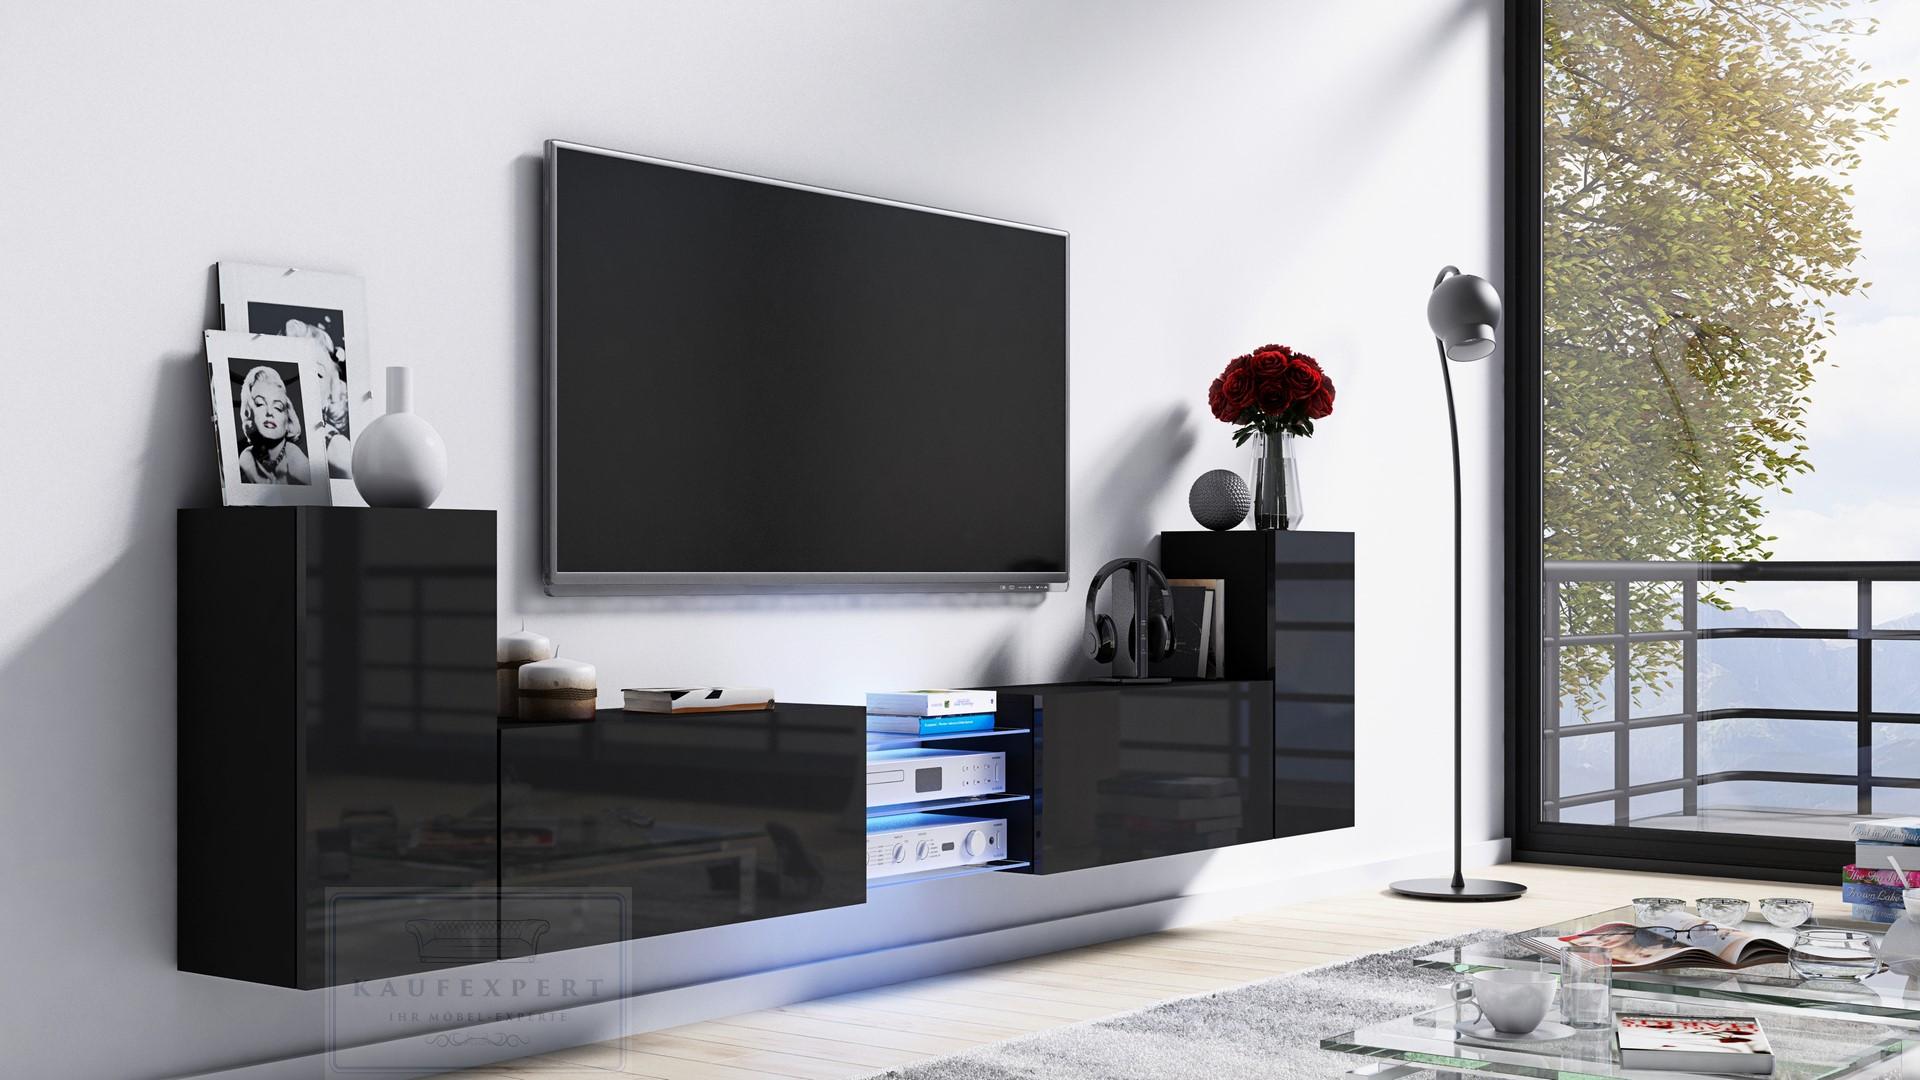 kaufexpert tv lowboard galaxy schwarz hochglanz schwarz. Black Bedroom Furniture Sets. Home Design Ideas